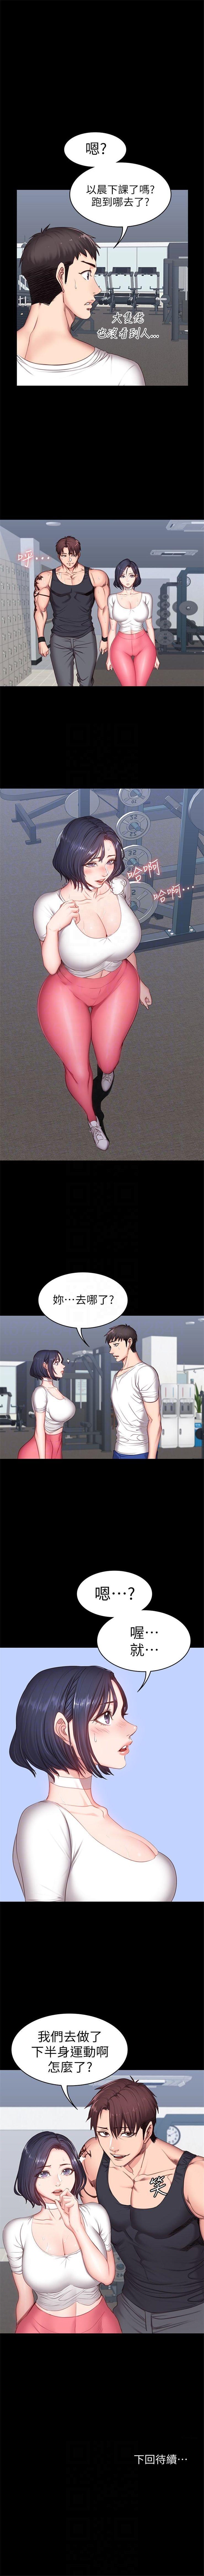 (週3)健身教練 1-37 中文翻譯 (更新中) 67